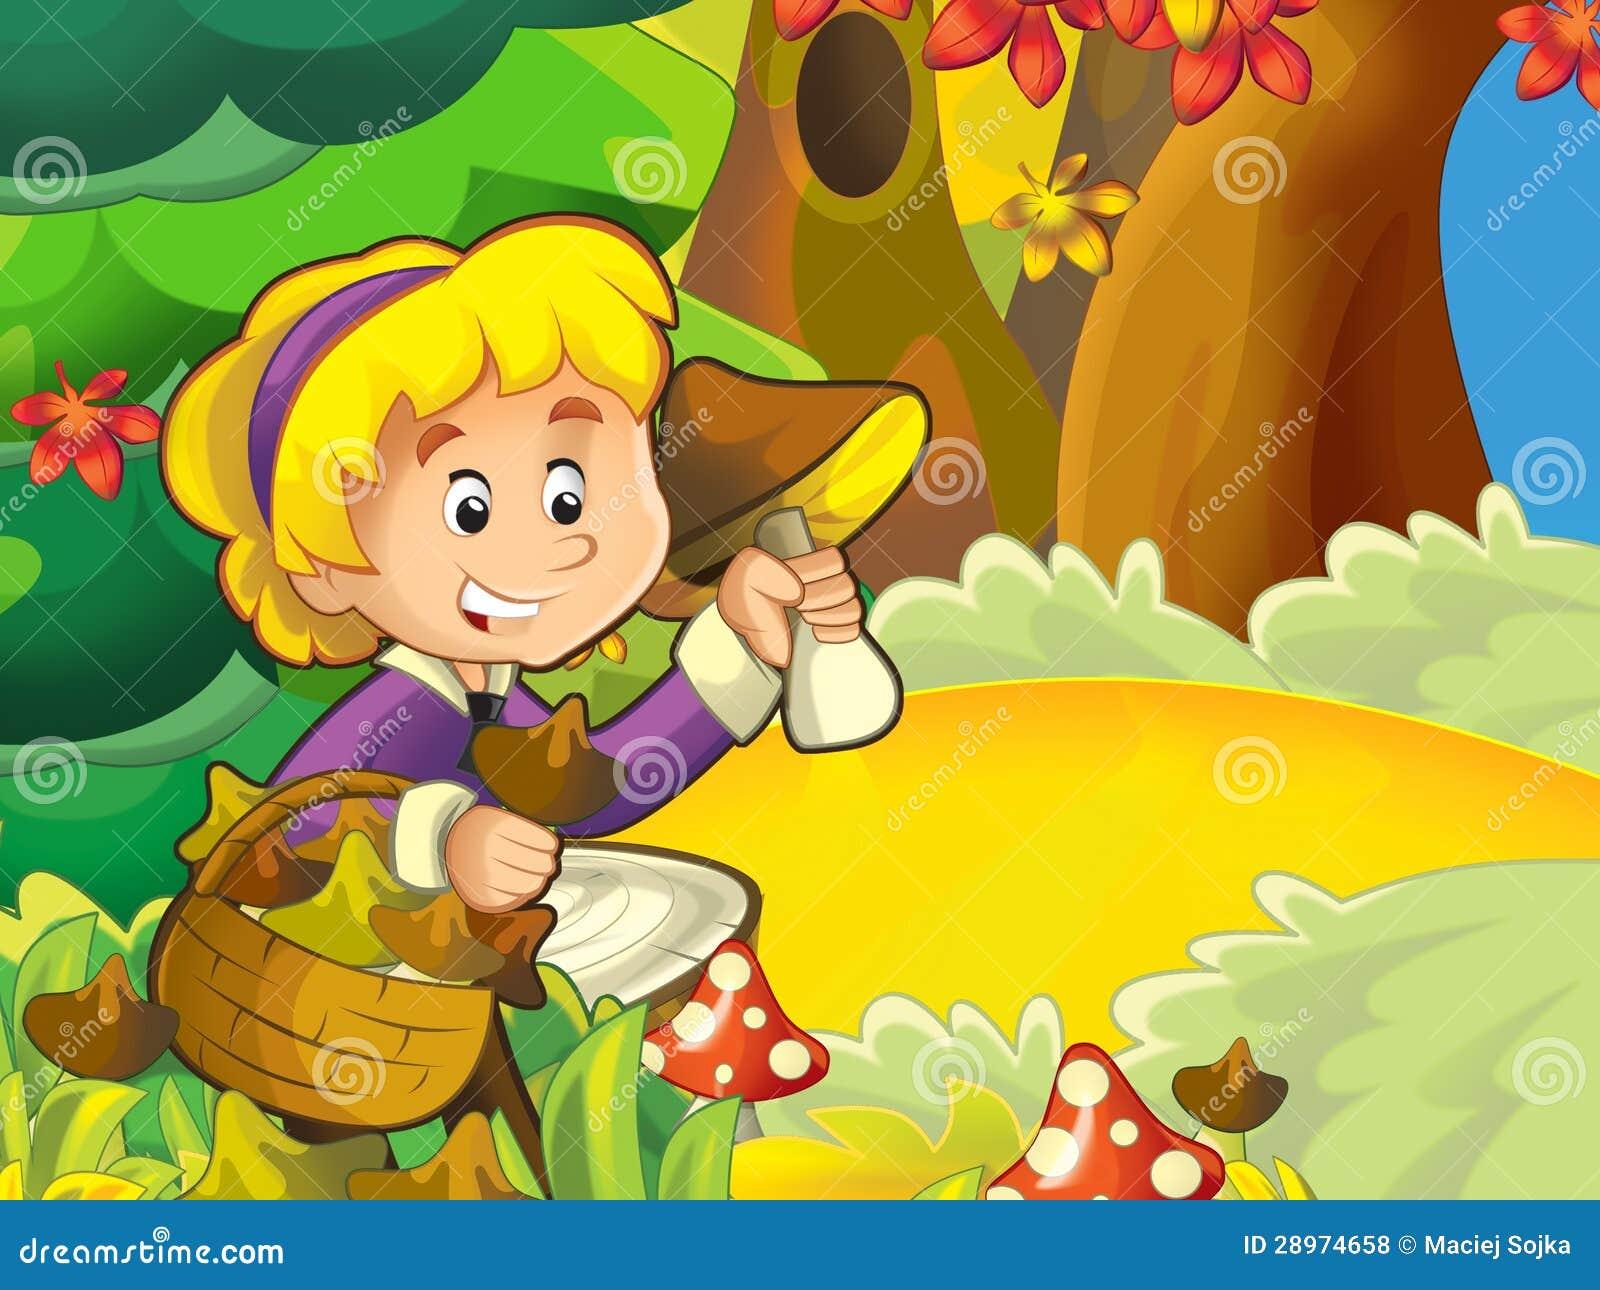 Dziewczyna na grzybobraniu - szukać pieczarki w haliźnie